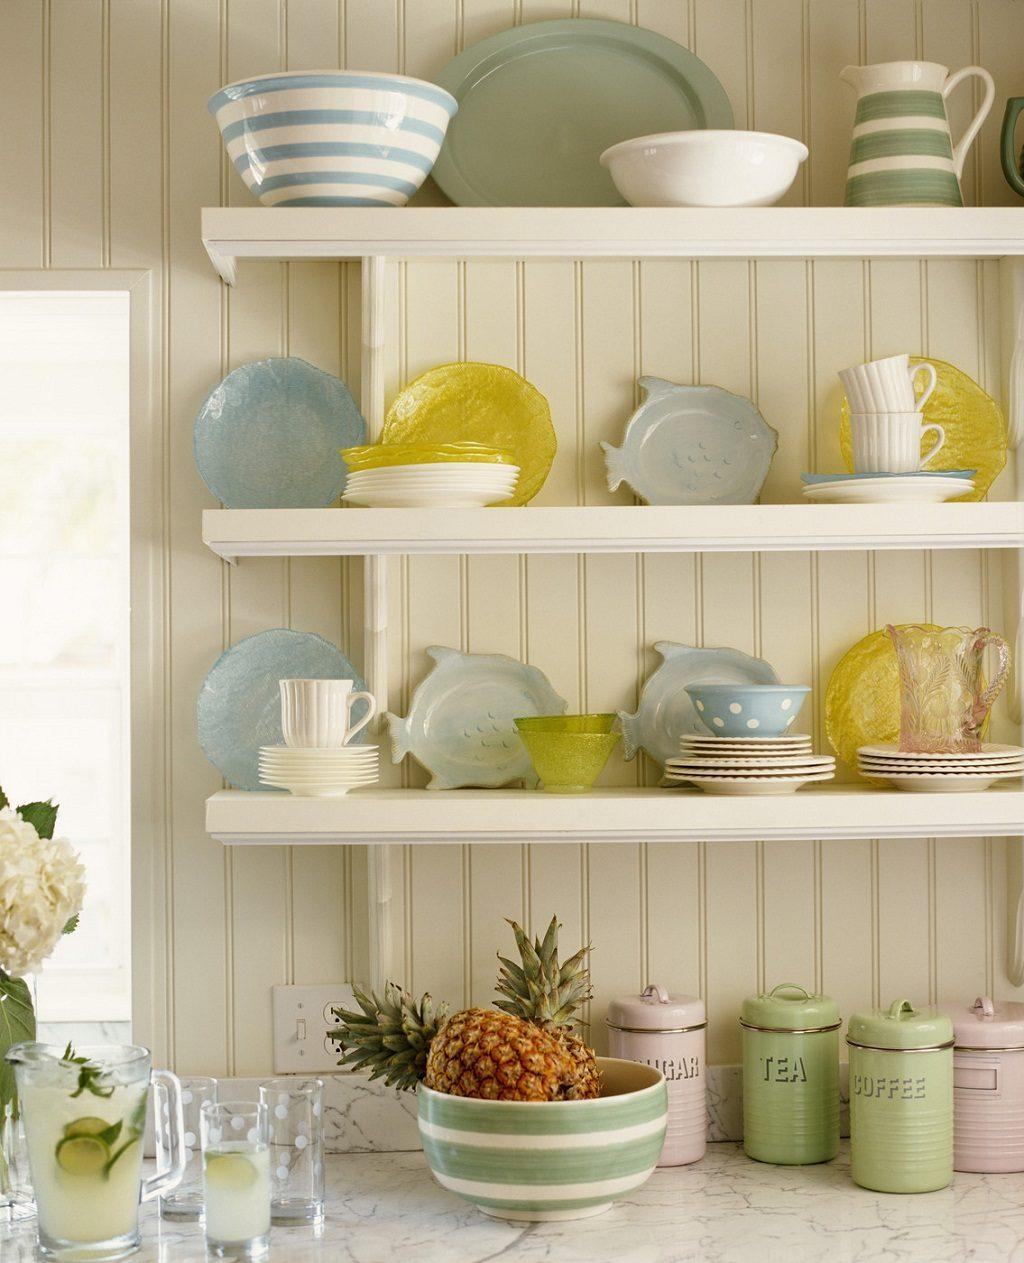 10 xu hướng thiết kế phòng bếp đẹp ấn tượng và mới nhất - 19